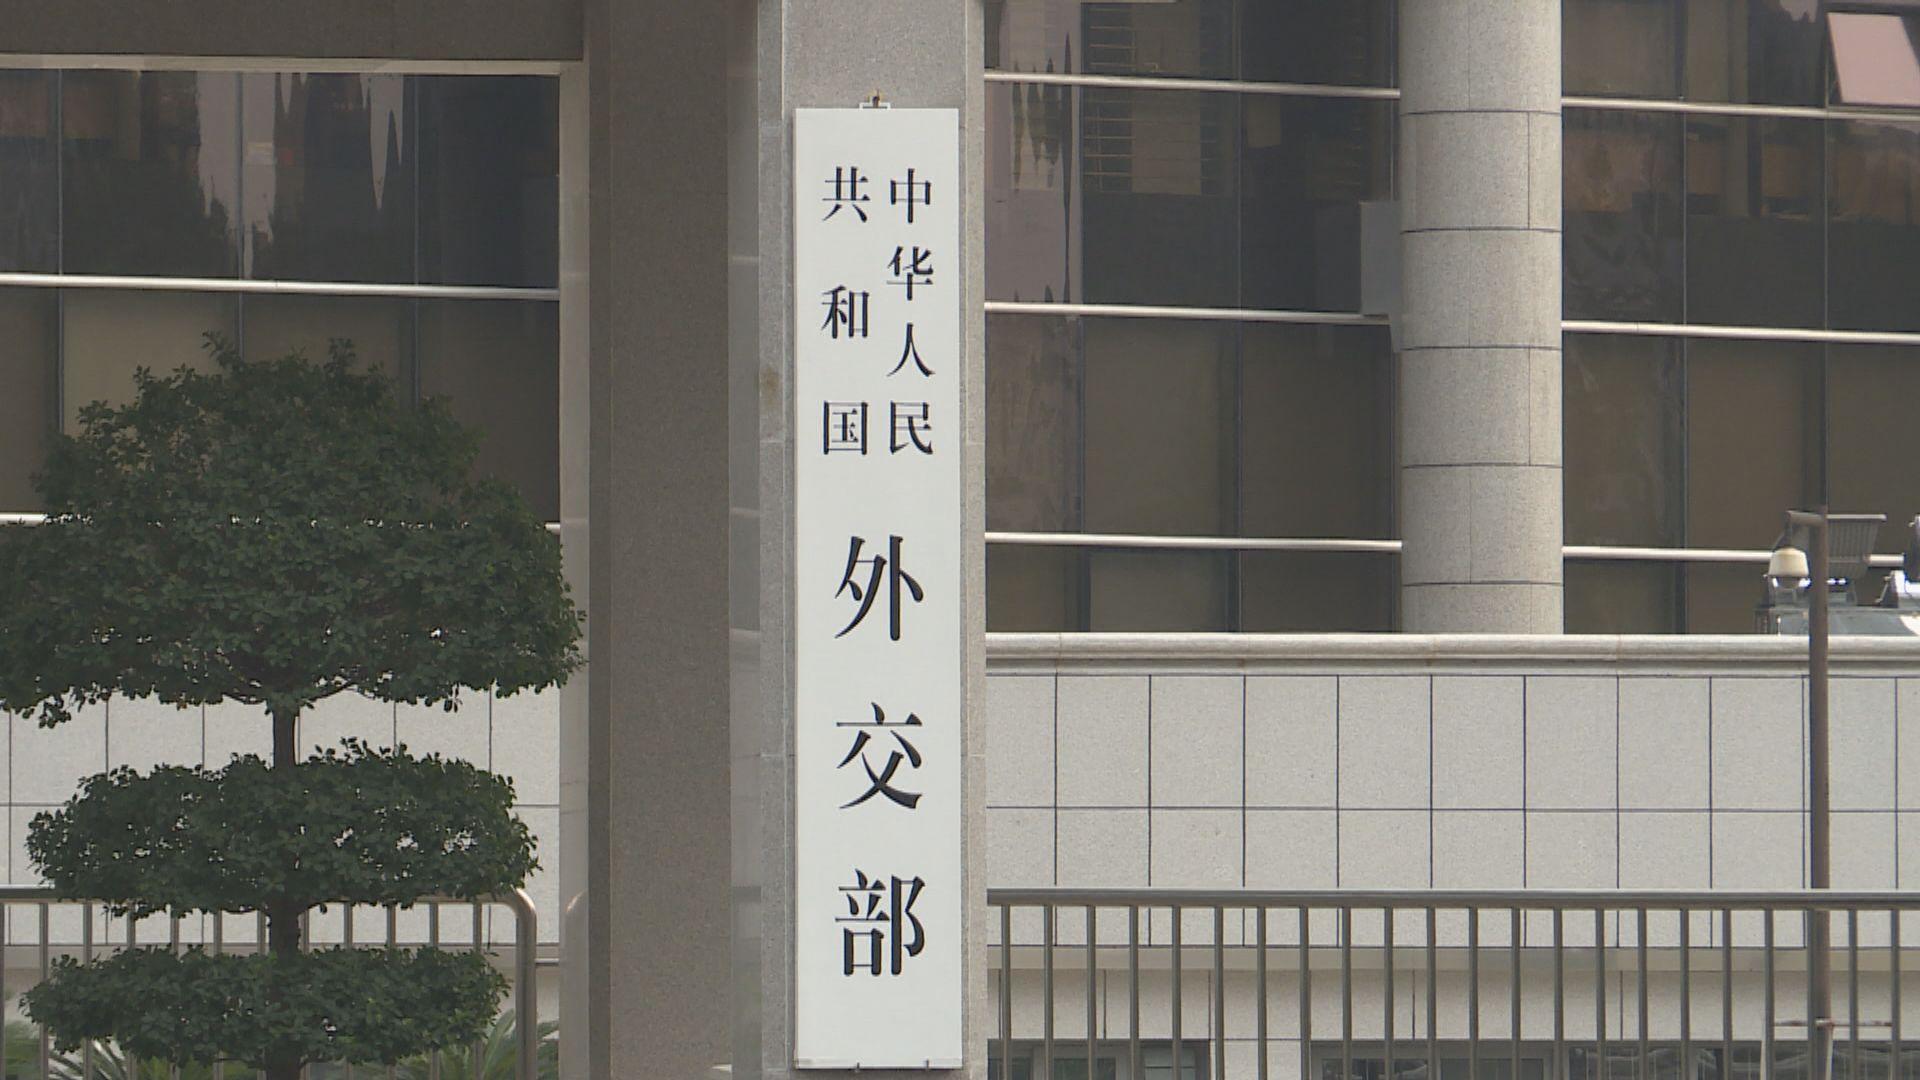 【延長寬限】外交部:只要求外國平等對待華為等中國企業